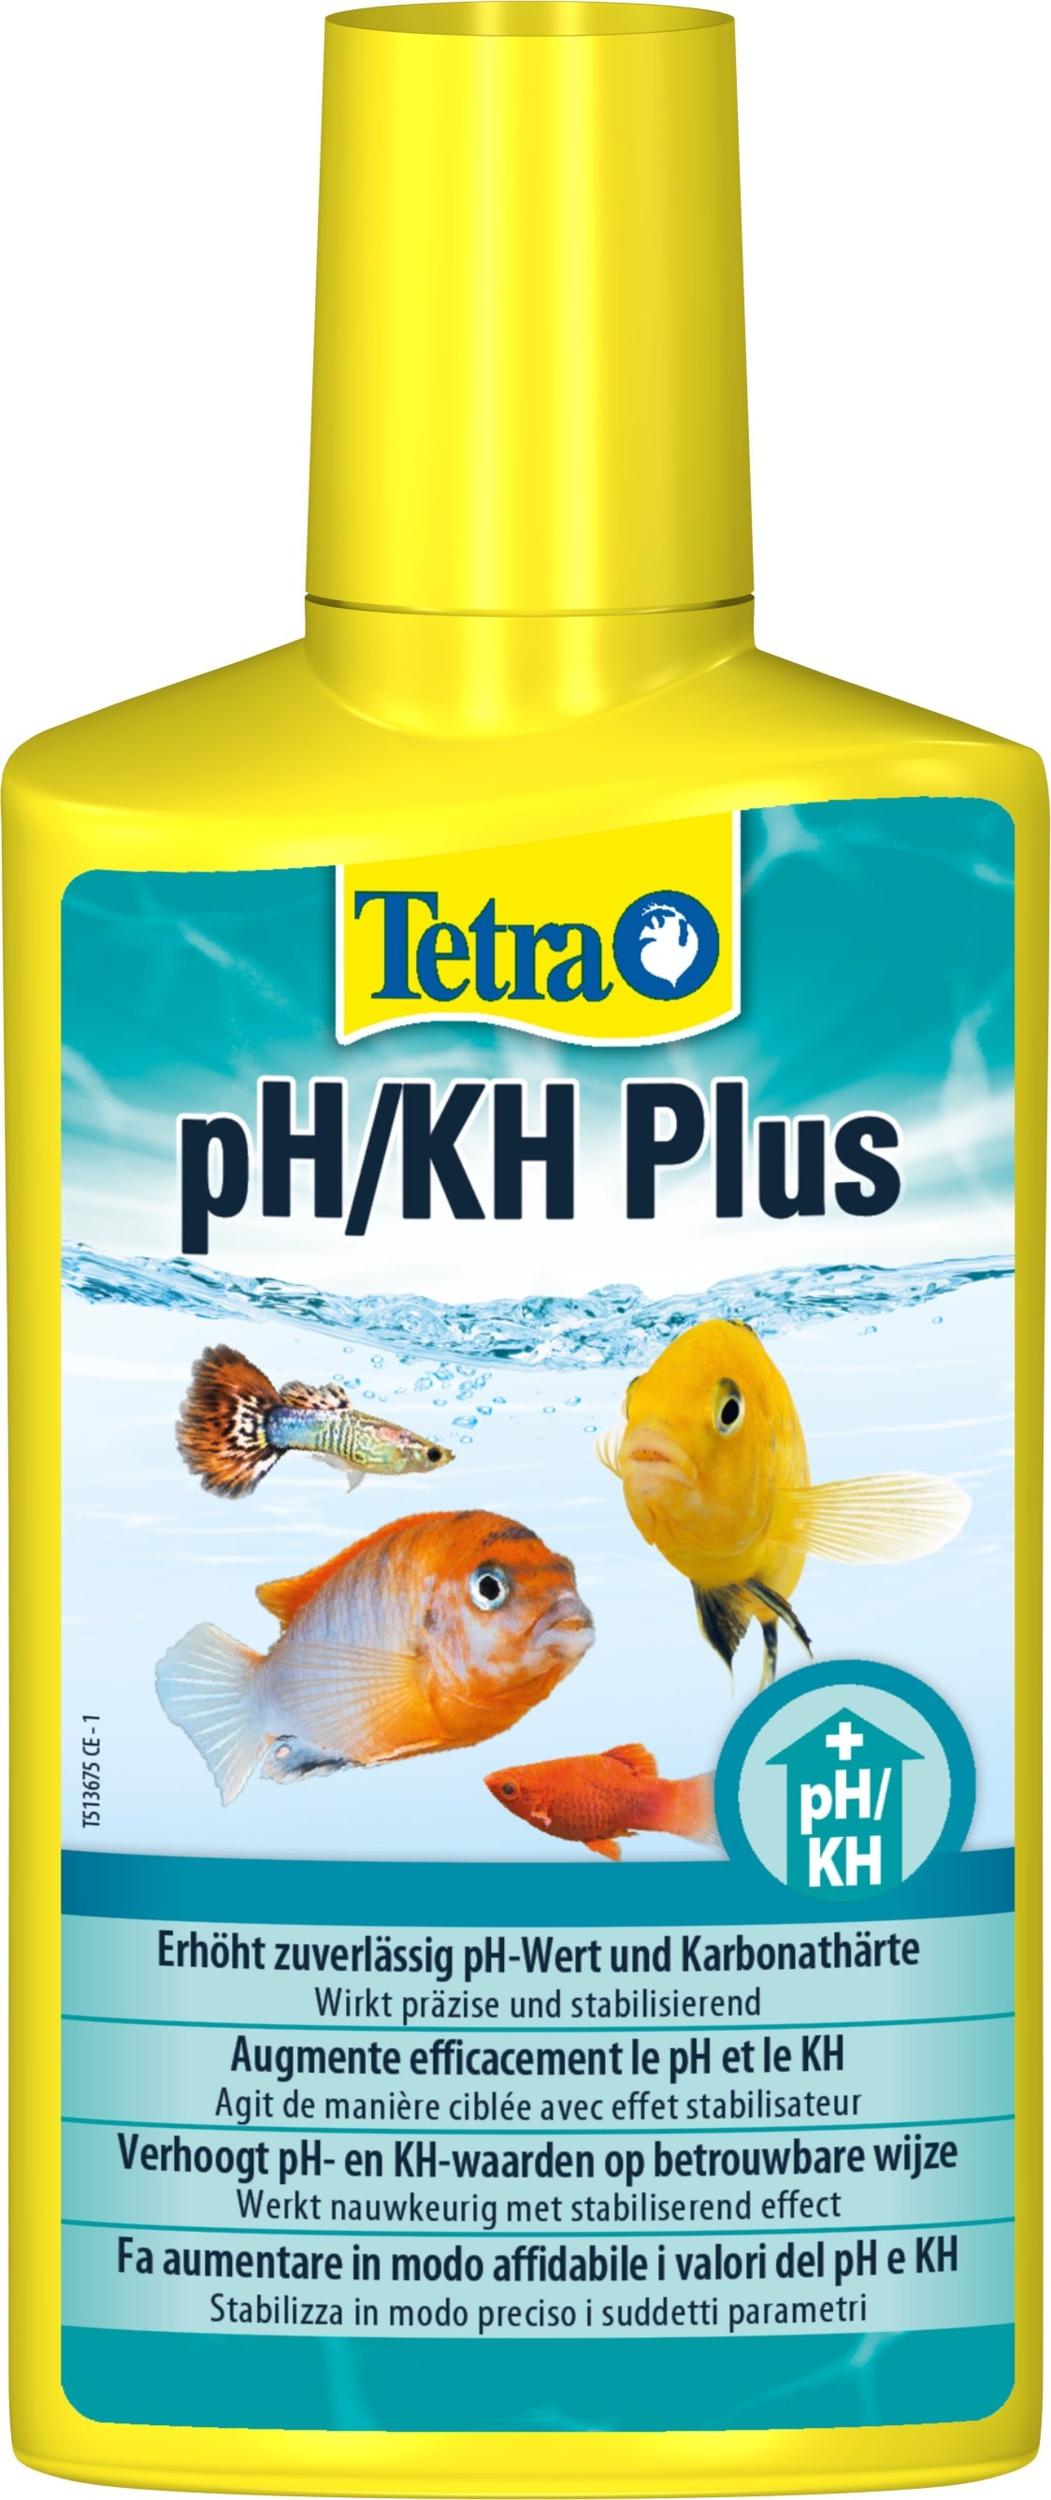 TETRA pH/KH Plus augmente en toute sécurité le pH et le KH dans votre aquarium